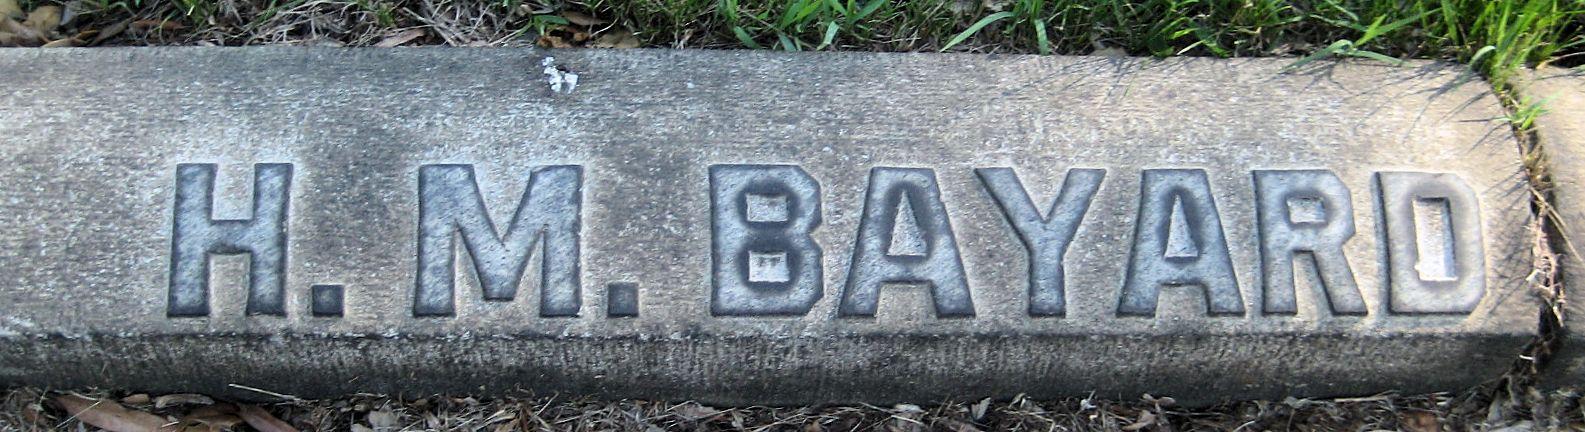 Joseph S Bayard